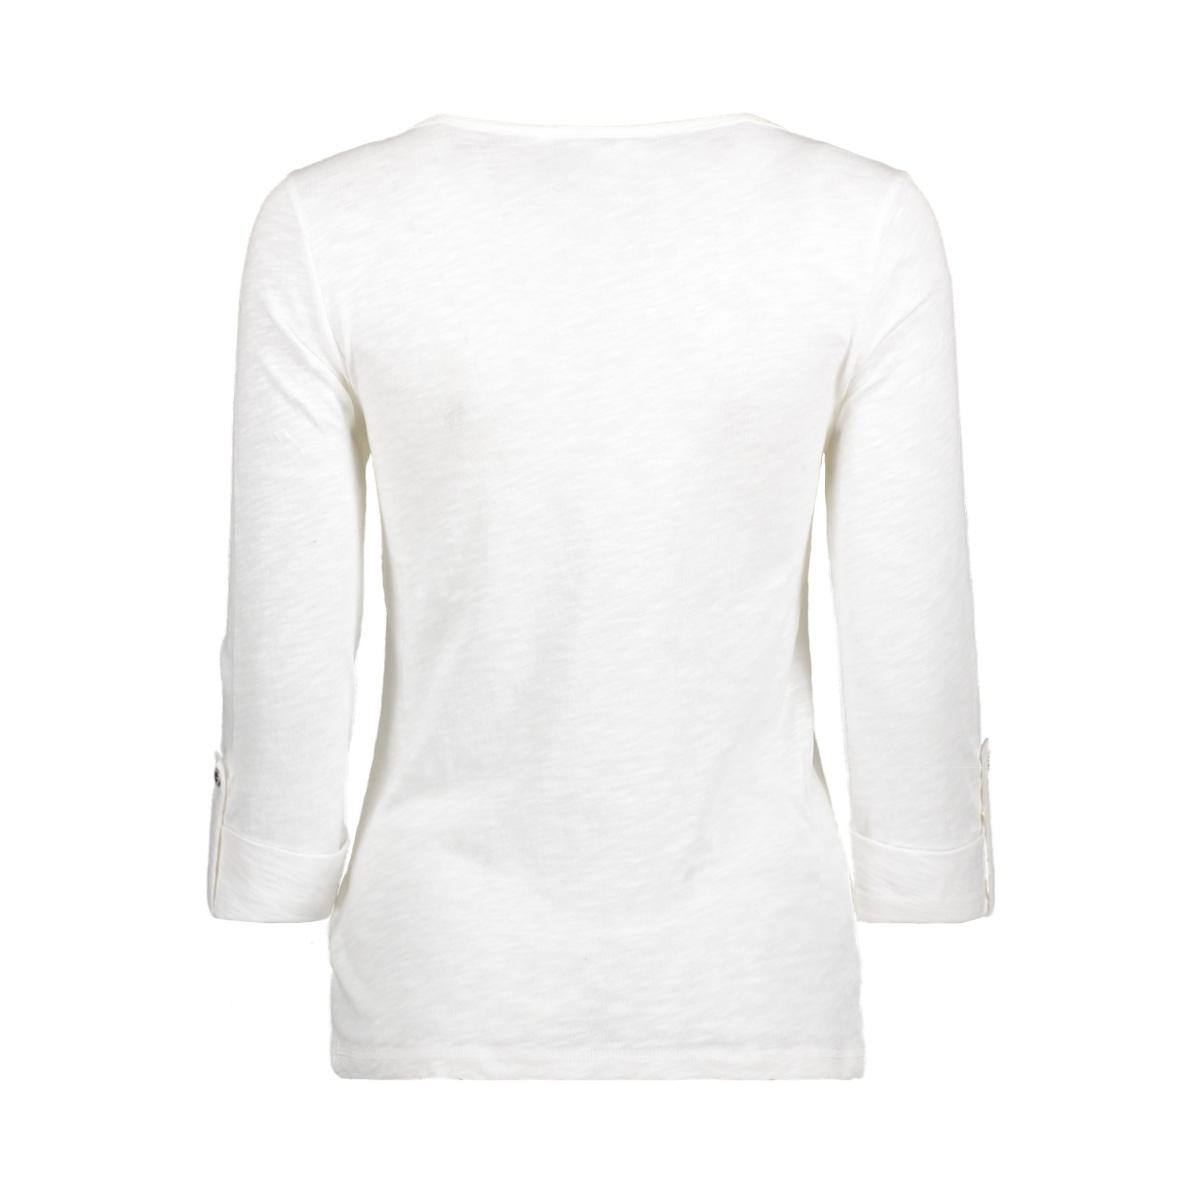 onljess 3/4 butterfly top jrs 15151804 only t-shirt cloud dancer